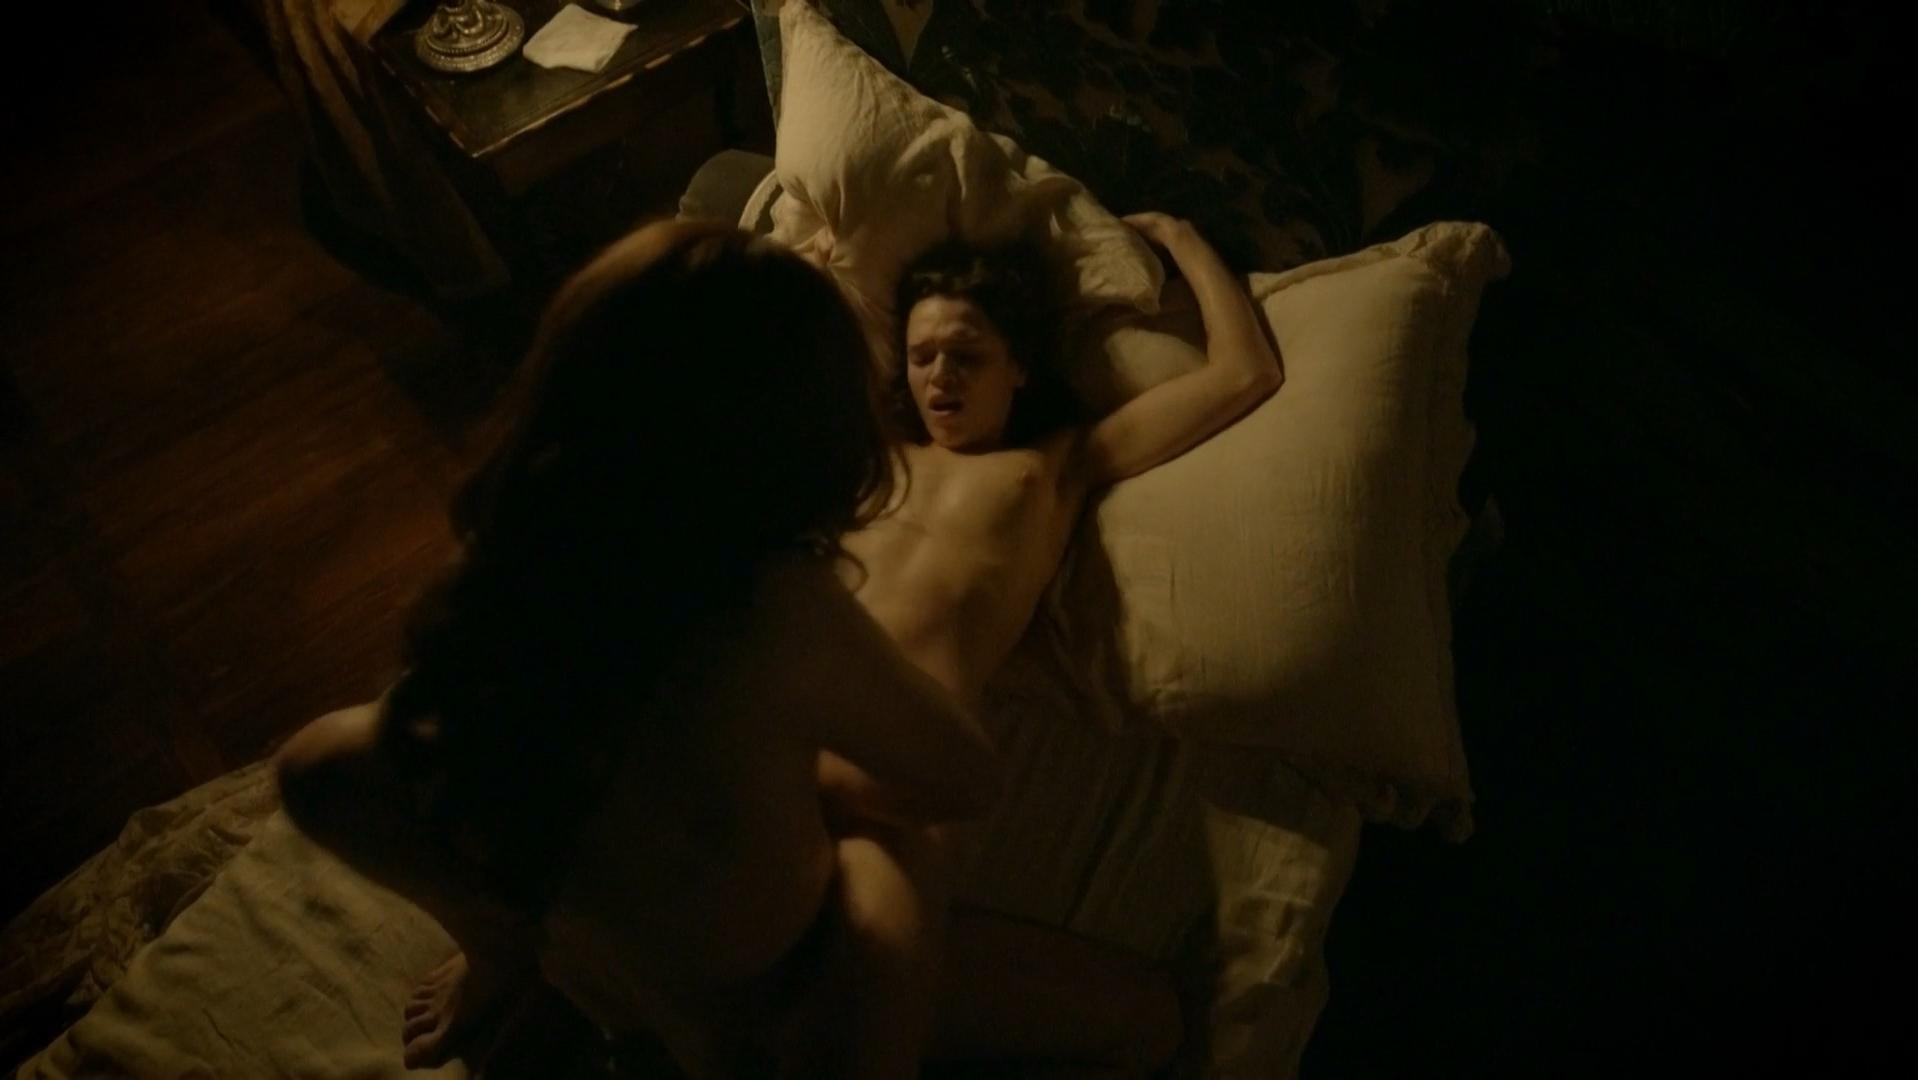 from Edward anna silk nude ass scene